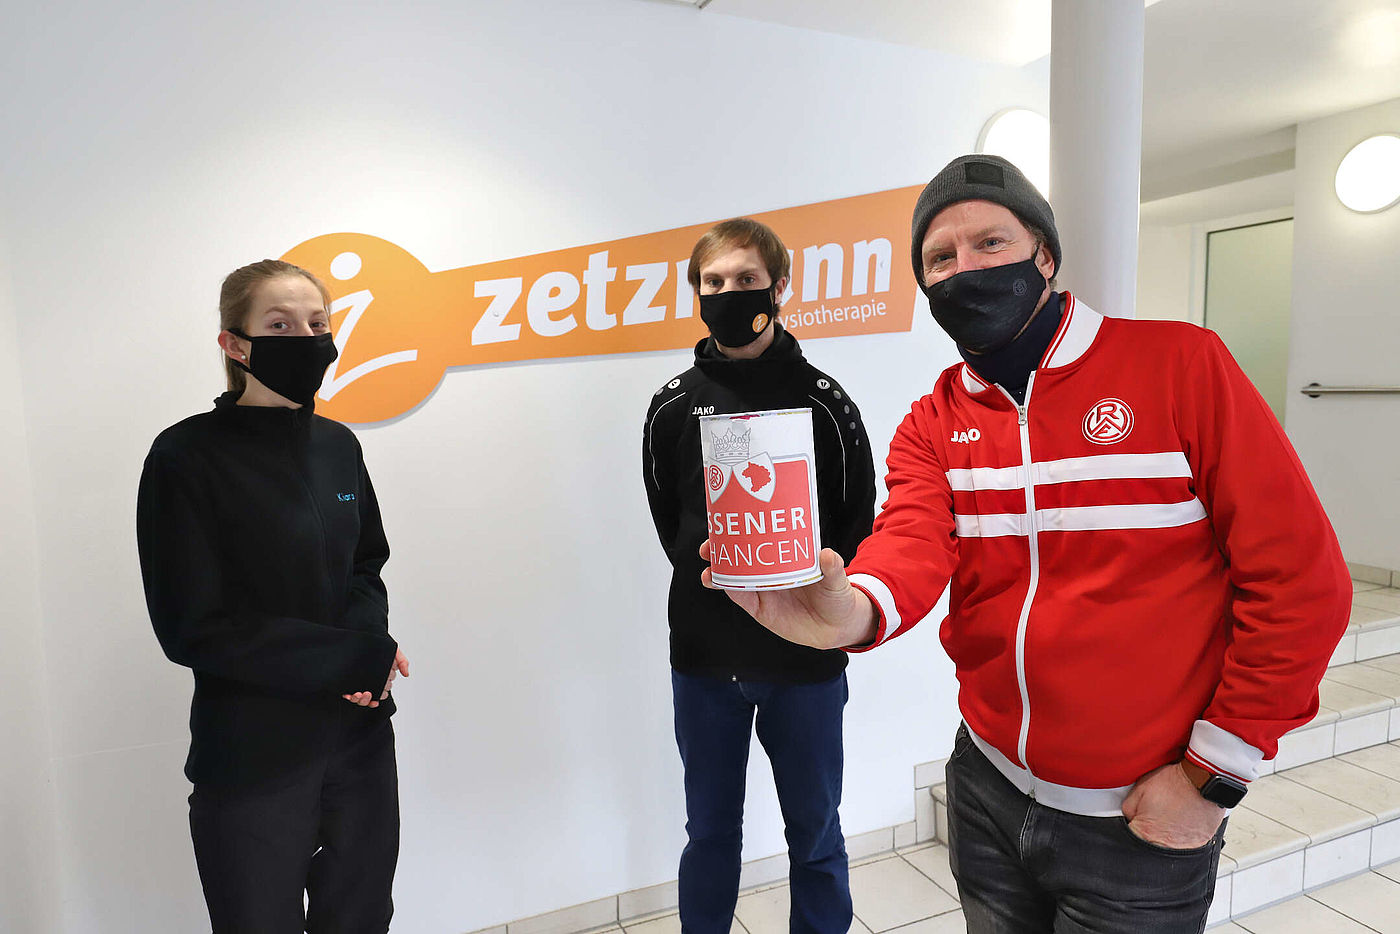 Zetzmann unterstützt rot-weisse Bildungsarbeit – Rot-Weiss Essen